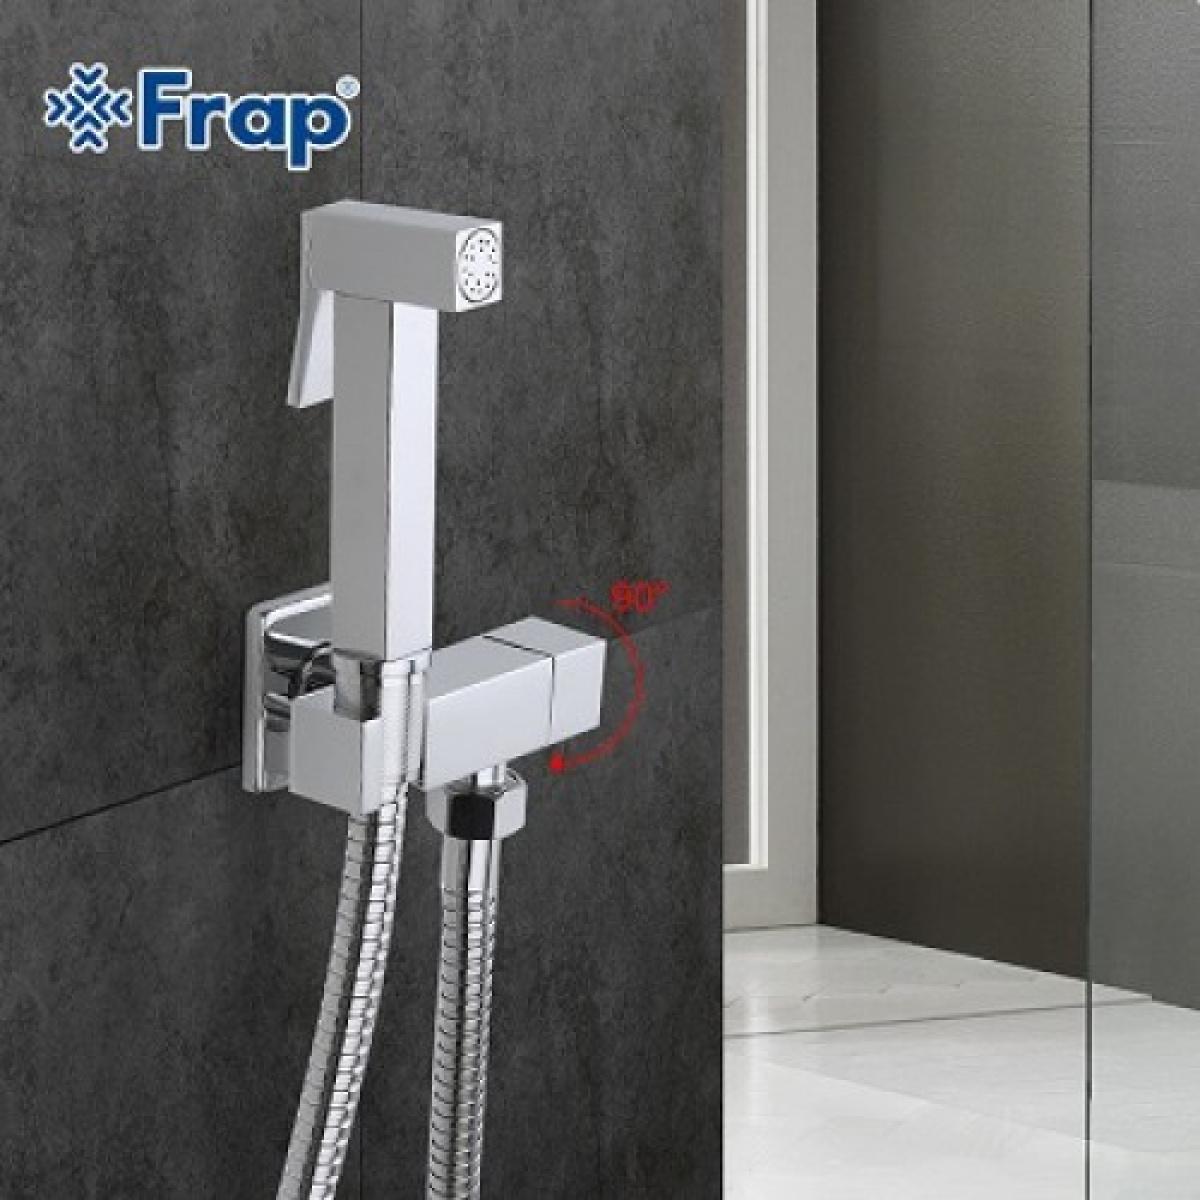 Гигиенический душ со смесителем латунь/хром frap f7502